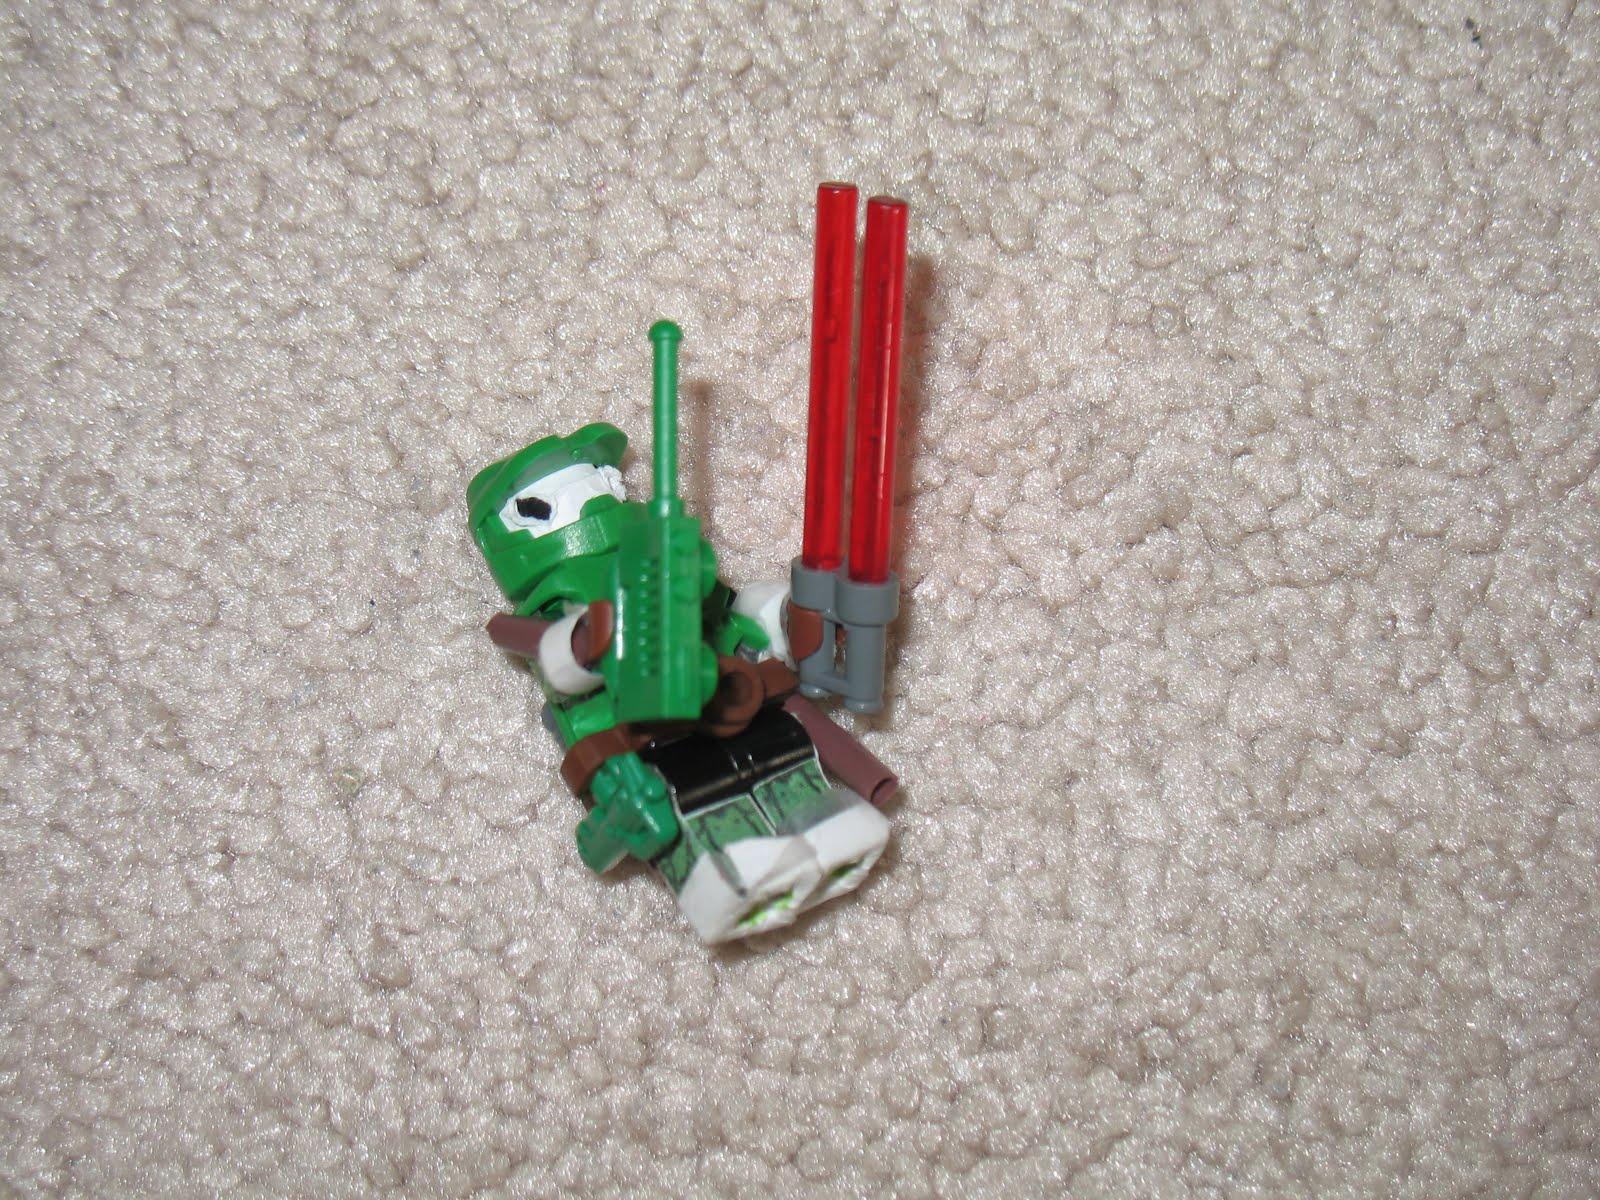 lego guns how to build